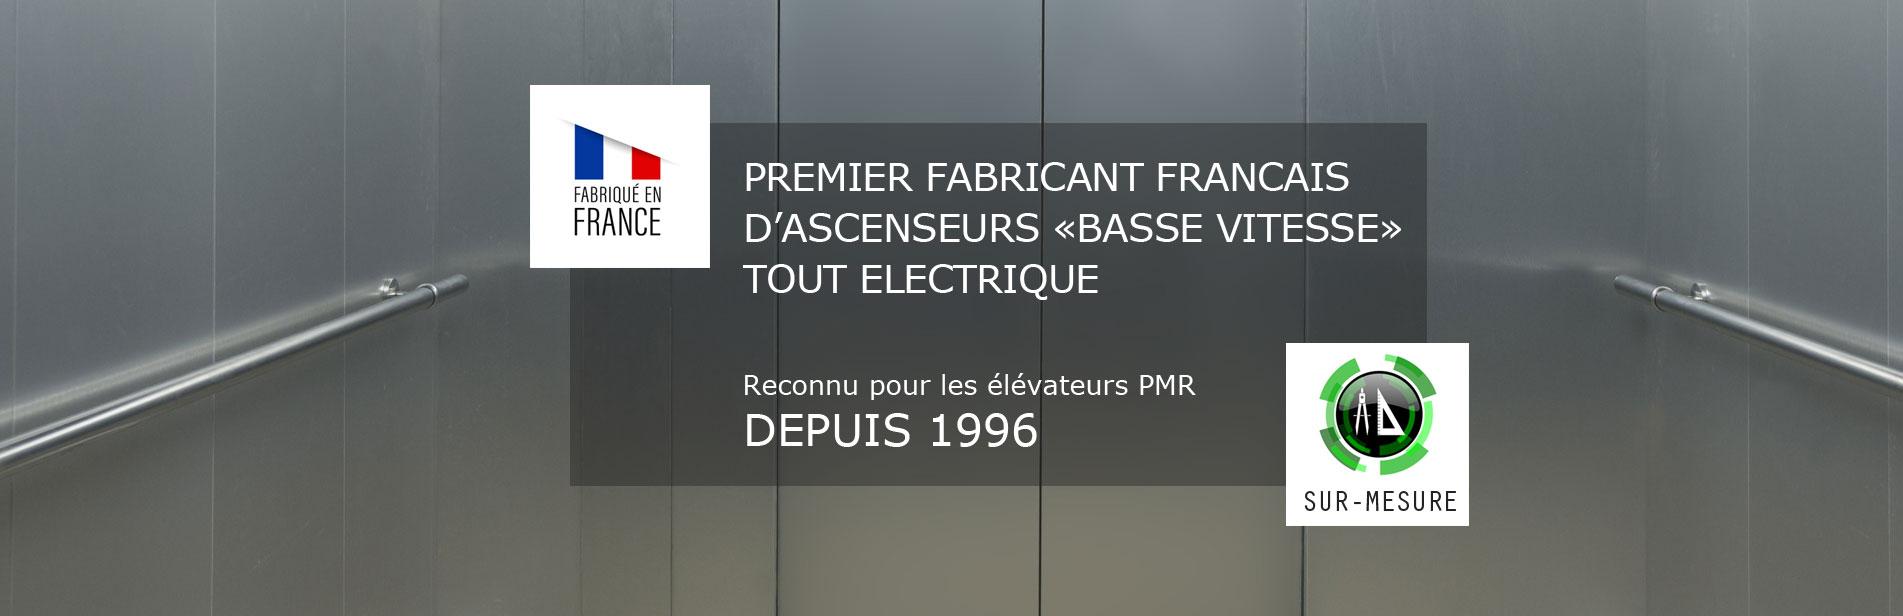 fabricant ascenseur français 2